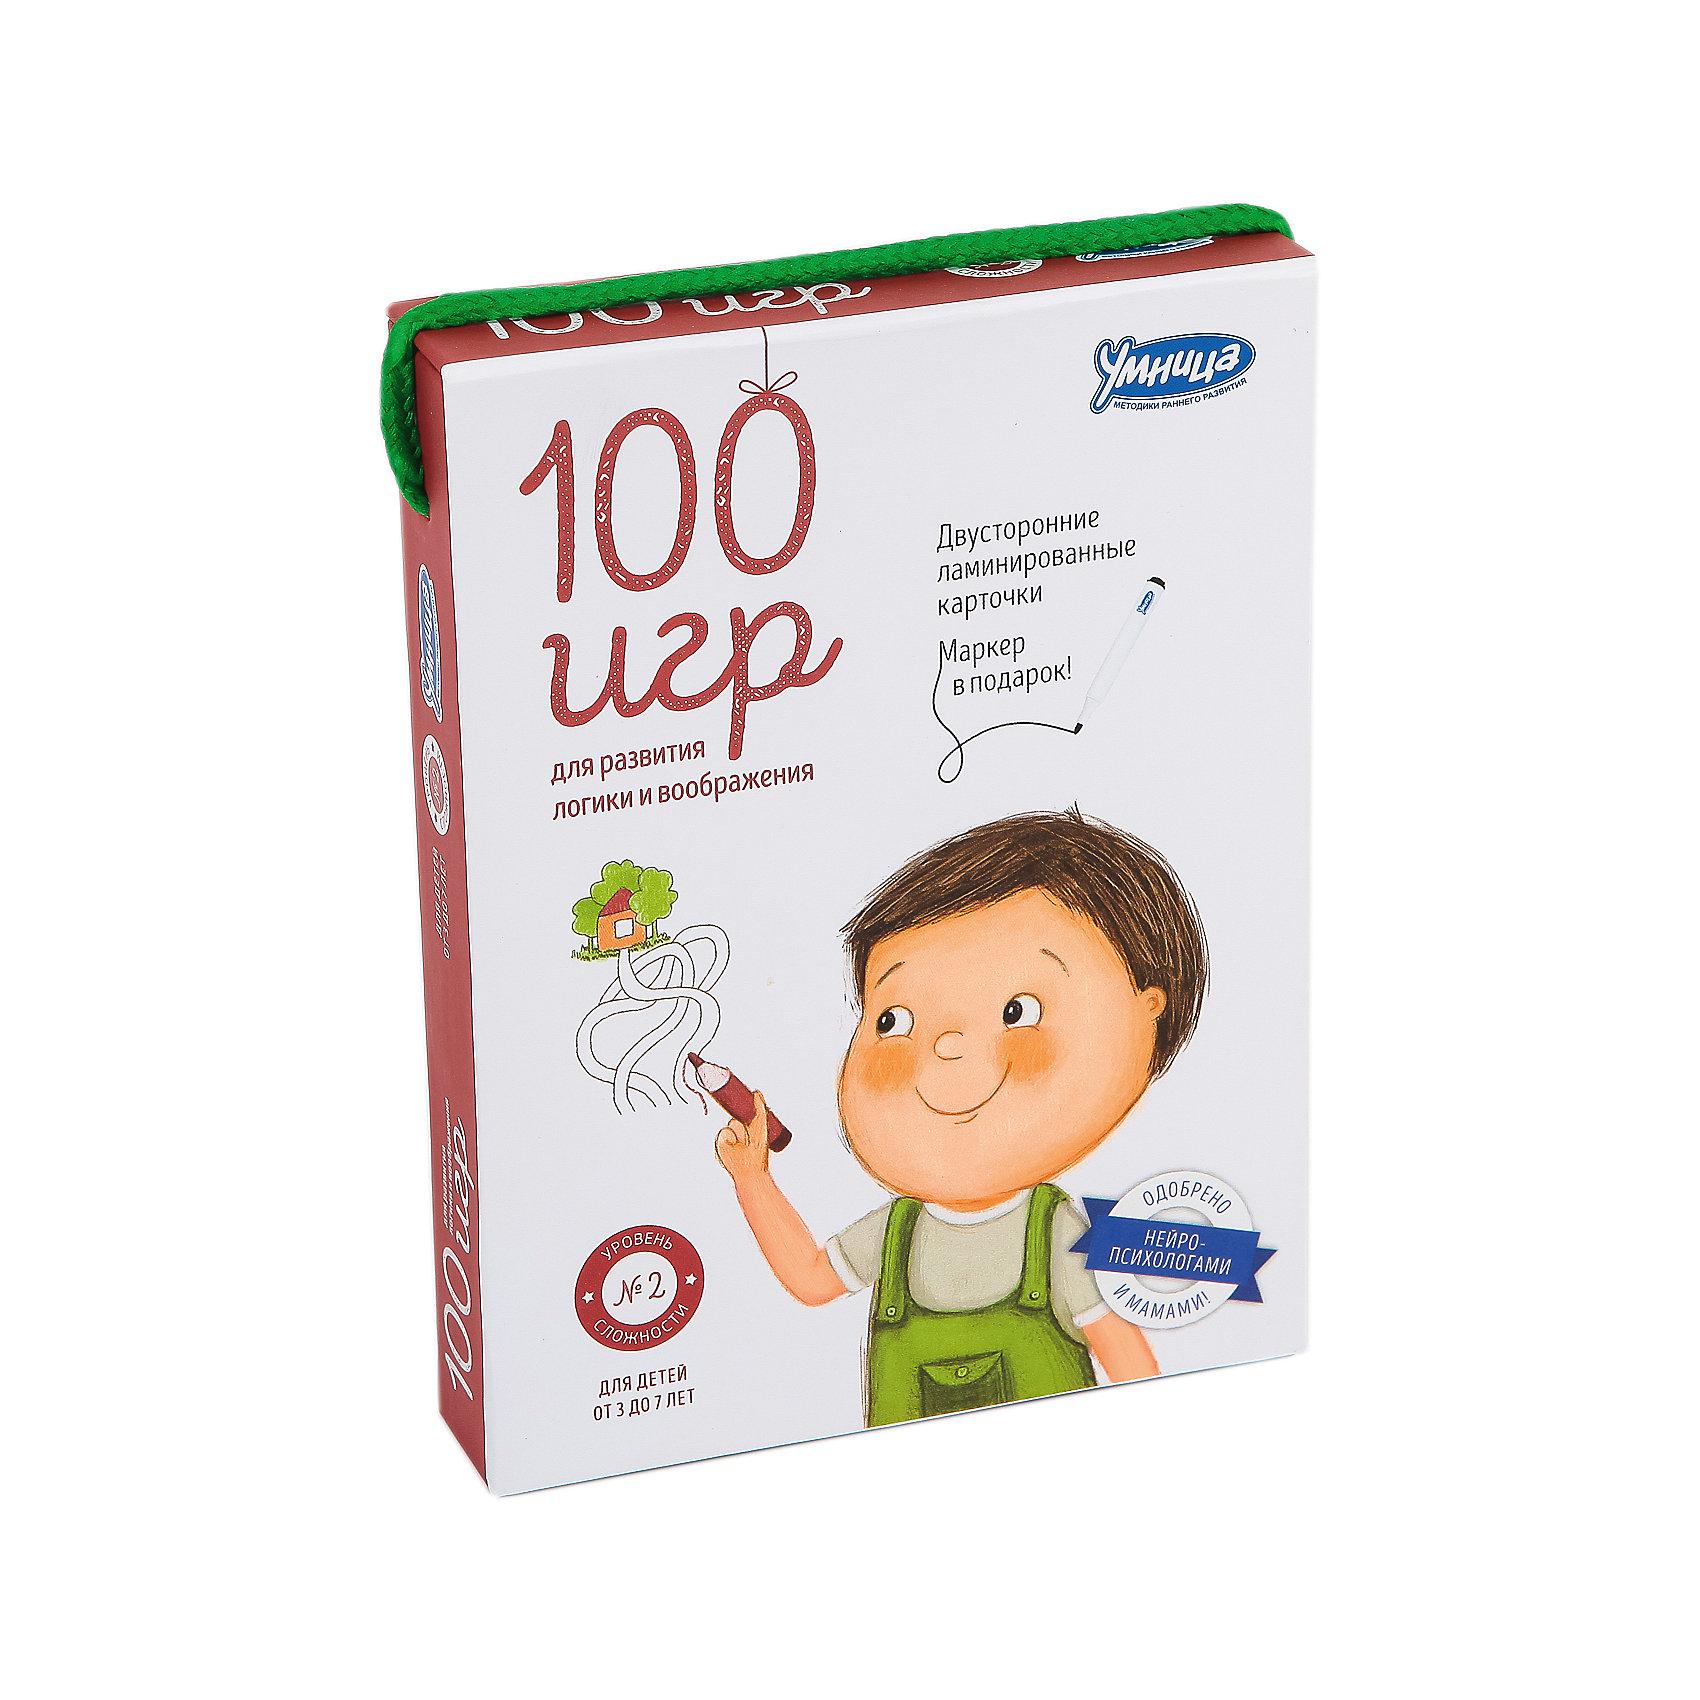 Карточки 100 игр, Уровень 2Умница<br>Полезный, увлекательный и компактный: «100 игр» – комплект для одновременного развития логического и творческого мышления малышей. В удобной упаковке-сумочке собраны яркие, интересные карточки с заданиями, играми, головоломками. На карточках можно рисовать маркером: рисуй, стирай и снова рисуй! Теперь вы с ребёнком ни за что не заскучаете в дороге, в очереди, на пляже, на даче, на пикнике, в гостях или дома. Маркер в подарок!<br>Развивает: Логическое, образное и творческое мышление, фантазию, память, аналитические способности, внимание, мелкую моторику.<br>Результат: Малыш нестандартно, образно мыслит, умеет находить закономерности, анализировать.<br><br>Ширина мм: 115<br>Глубина мм: 155<br>Высота мм: 300<br>Вес г: 340<br>Возраст от месяцев: 36<br>Возраст до месяцев: 2147483647<br>Пол: Унисекс<br>Возраст: Детский<br>SKU: 5523167